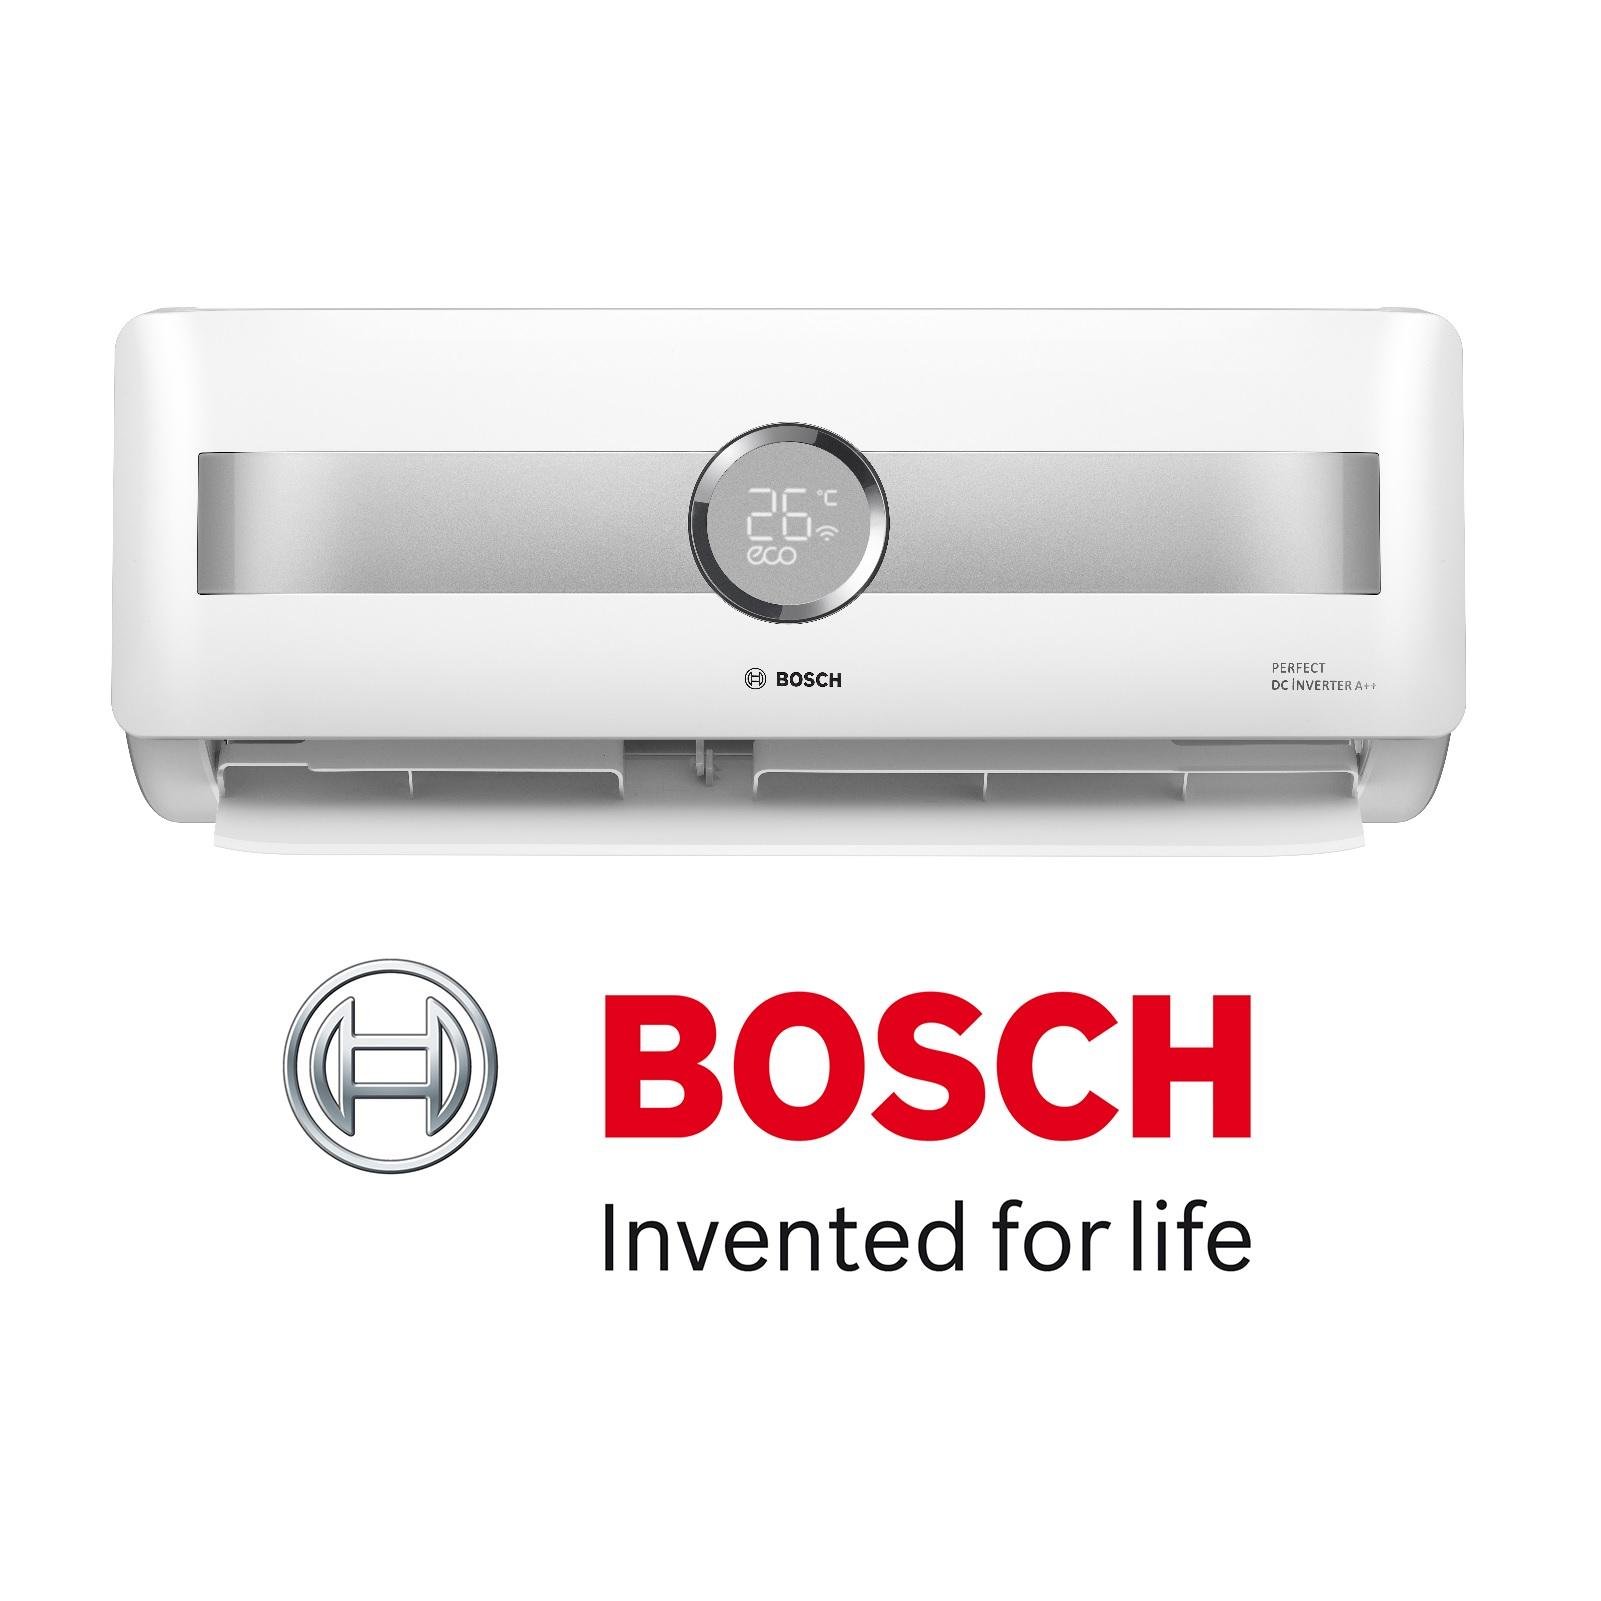 Bosch inverter klima uređaj Climate 8500 18000btu - Inelektronik